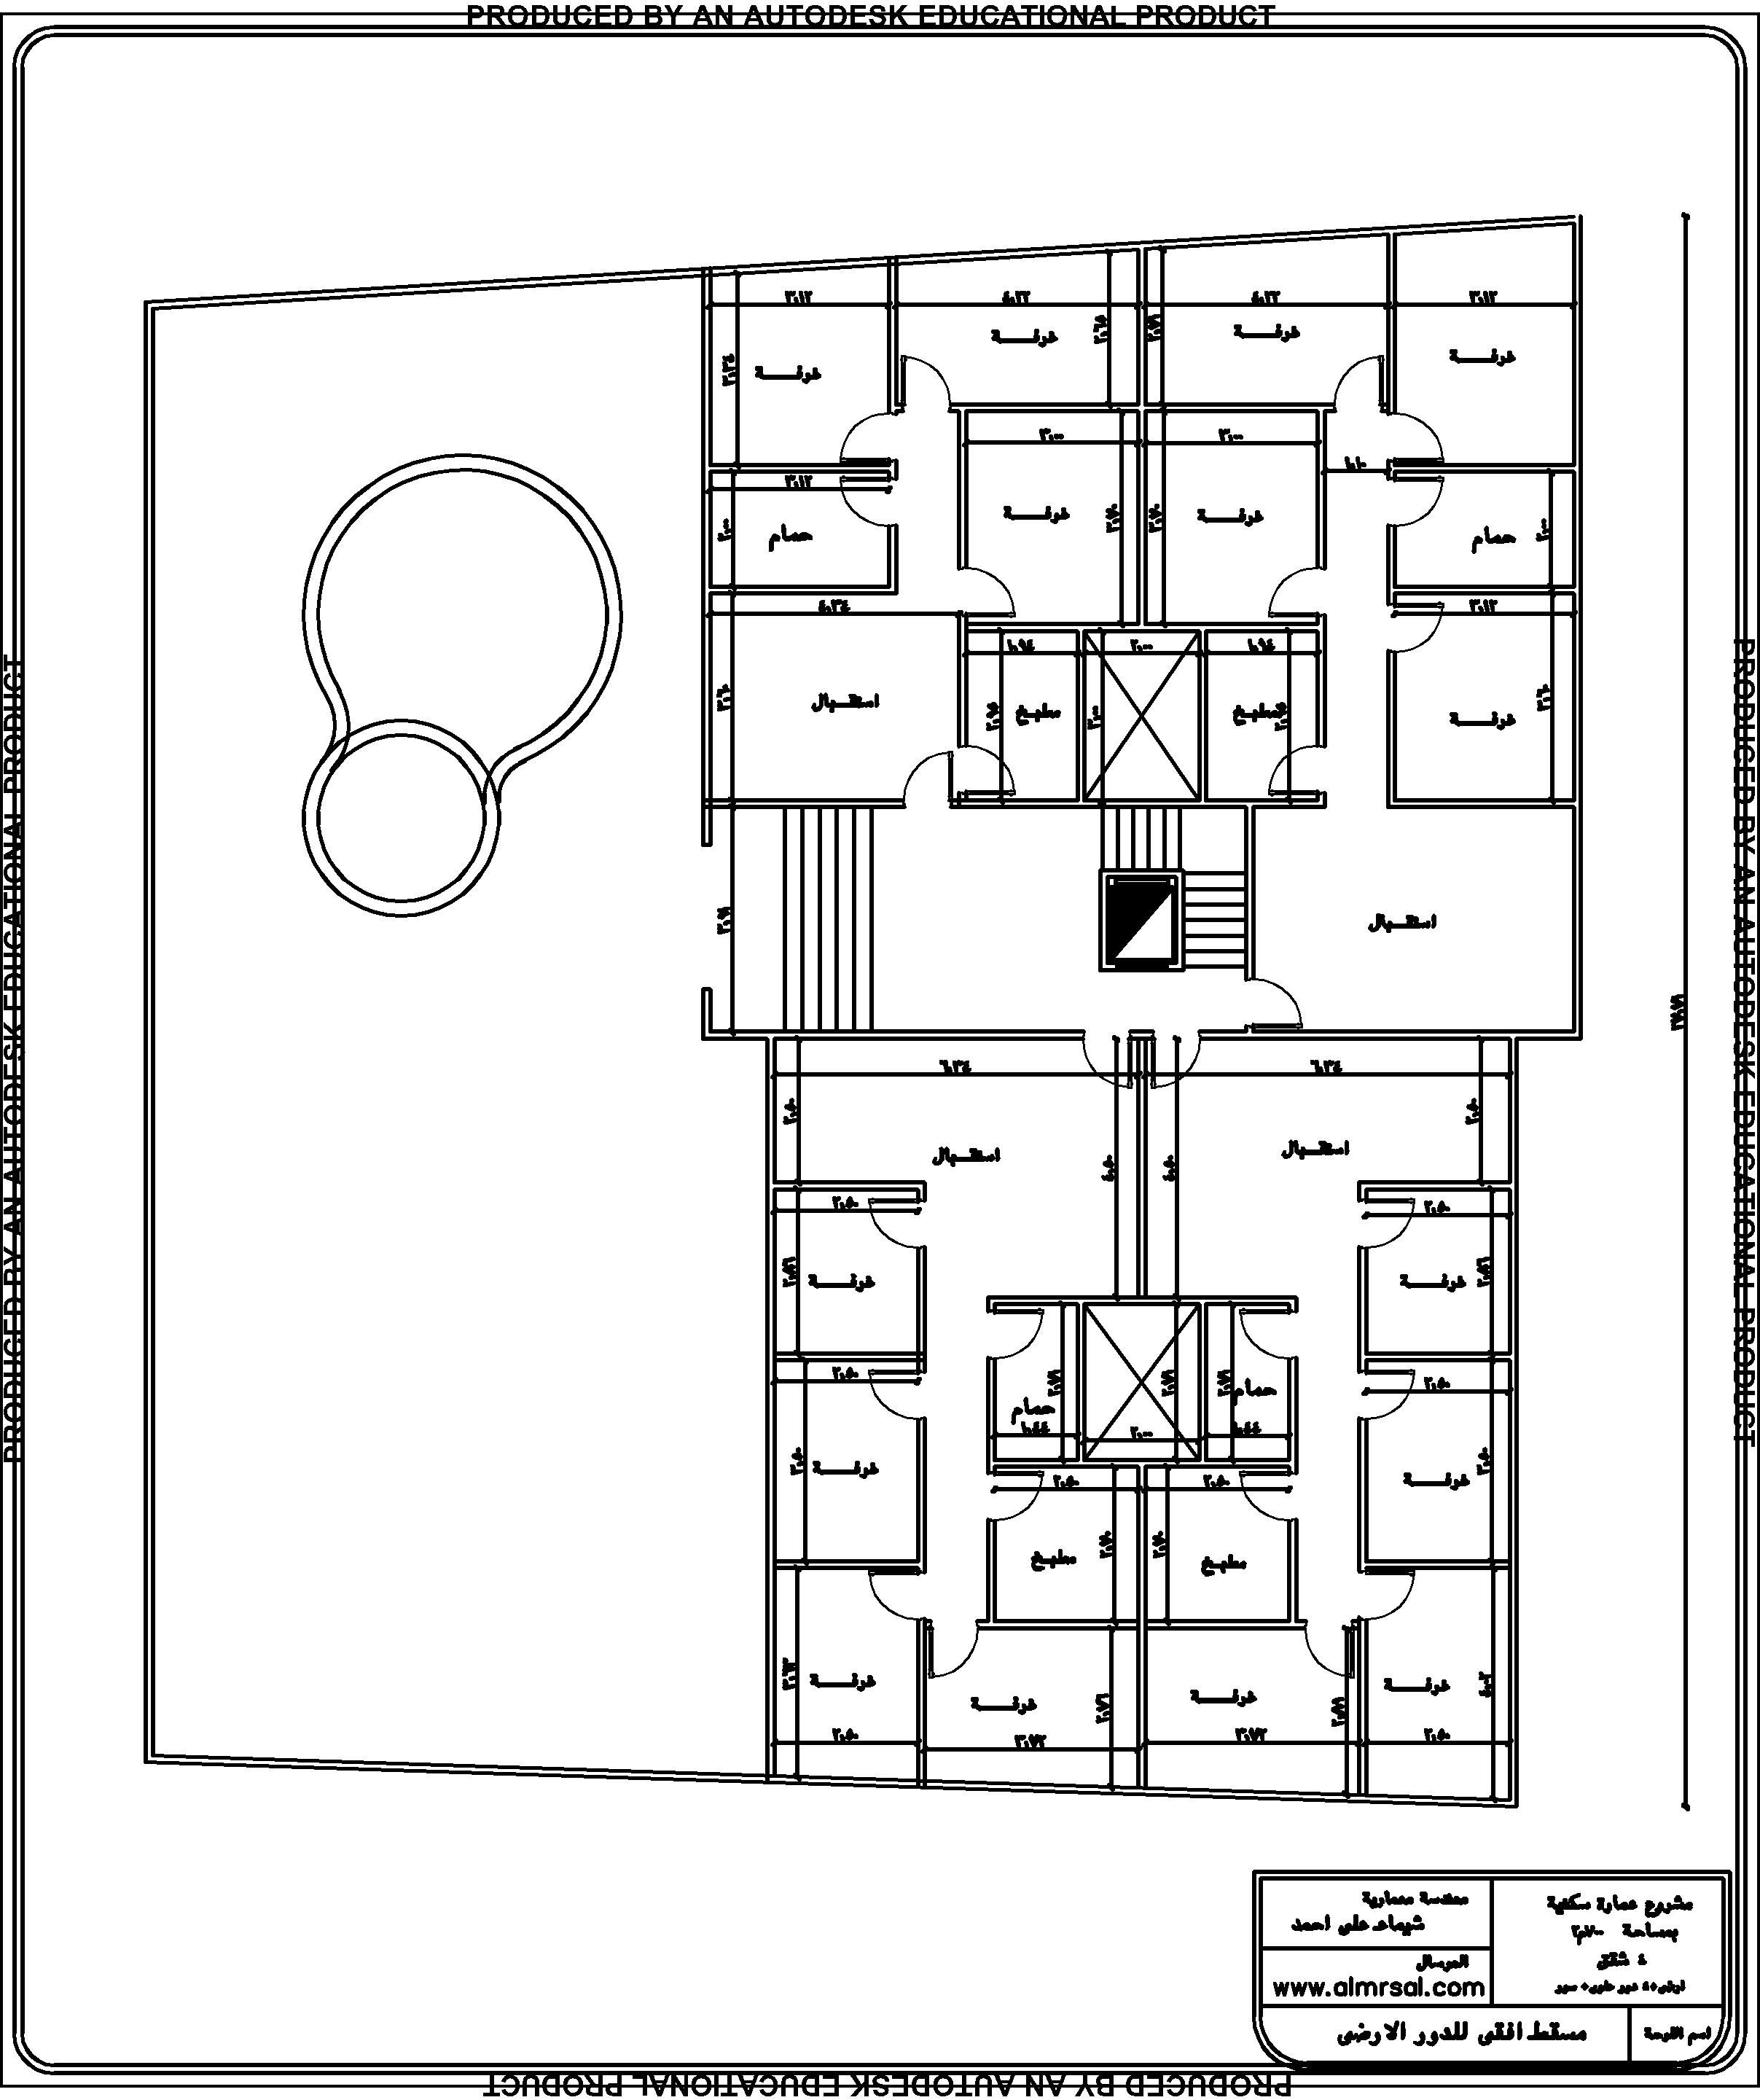 مشروع عمارة سكنية اربعة شقق بمساحة 700 متر مربع